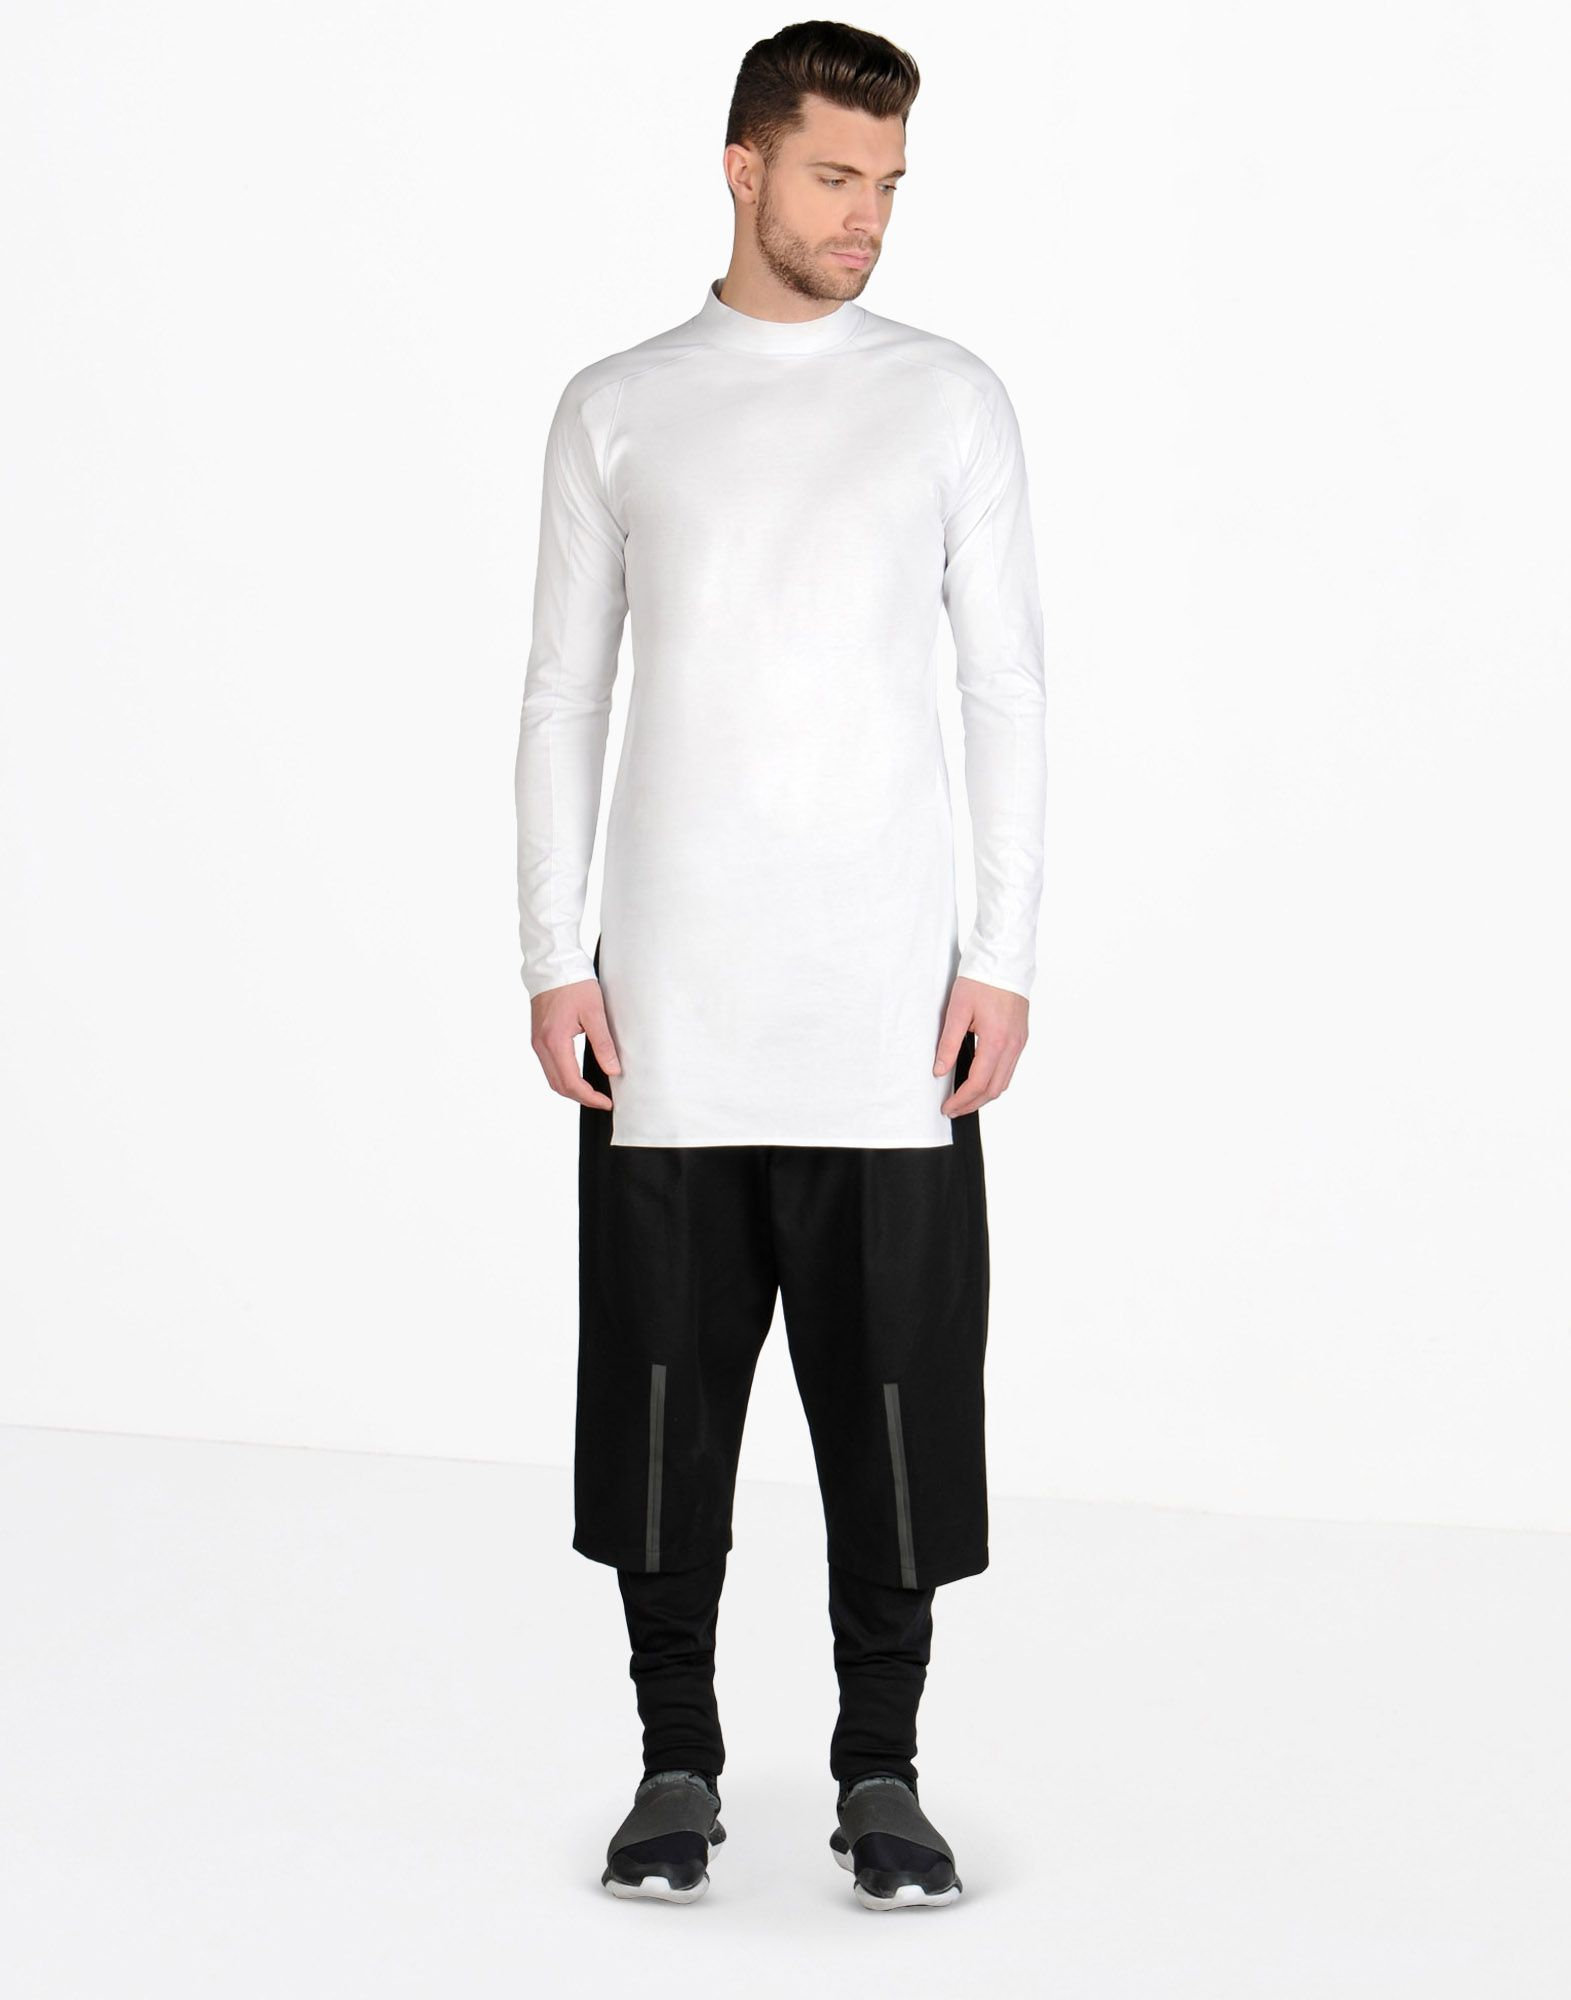 Y 3 Collar Longsleeve Tee Long Sleeve T Shirts Adidas